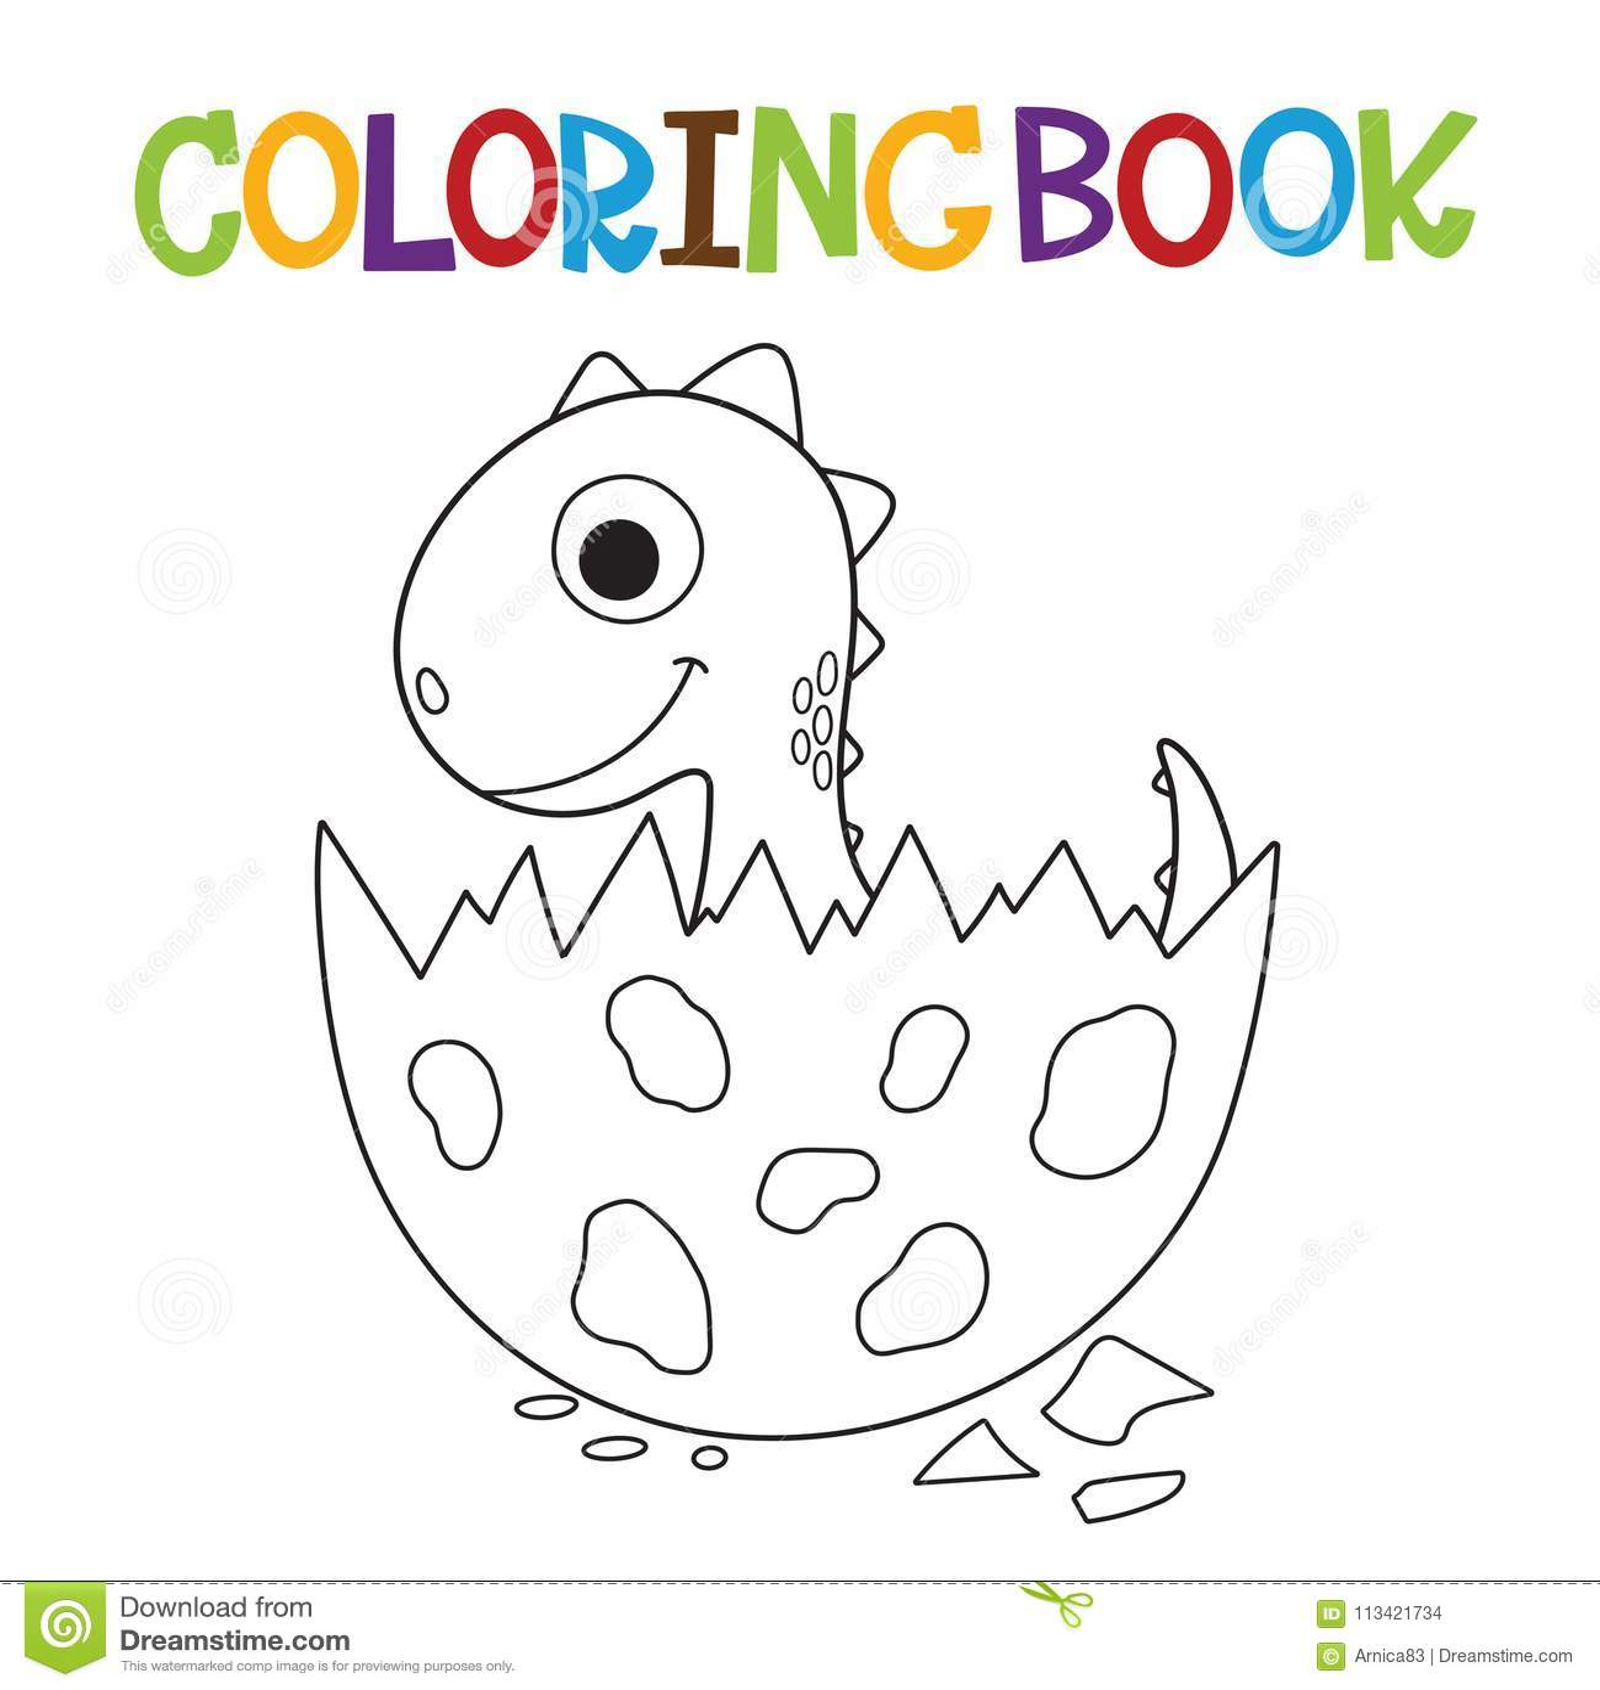 Wunderbar Malbuch Spongebob Bilder - Malvorlagen Von Tieren - ngadi.info